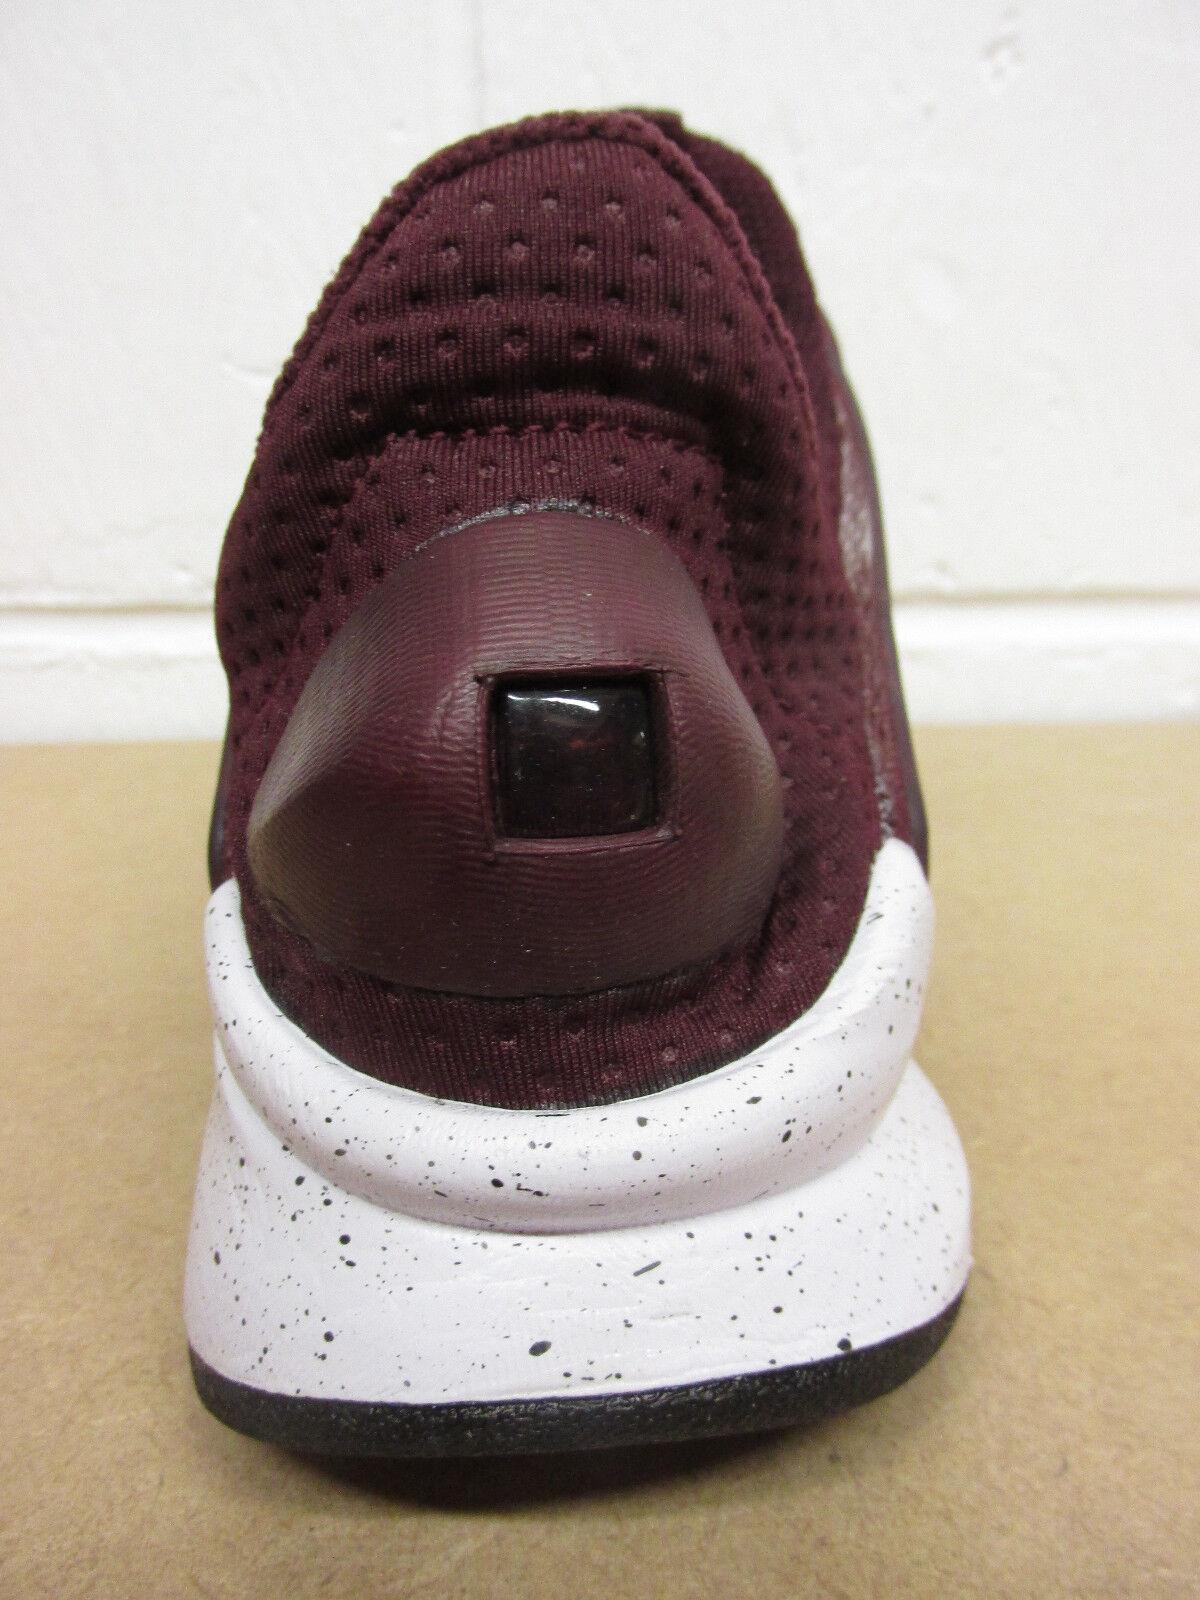 Nike Calze  Scuro se Premium  Calze  Uomo da Corsa 859553 600   da Tennis 0cb045